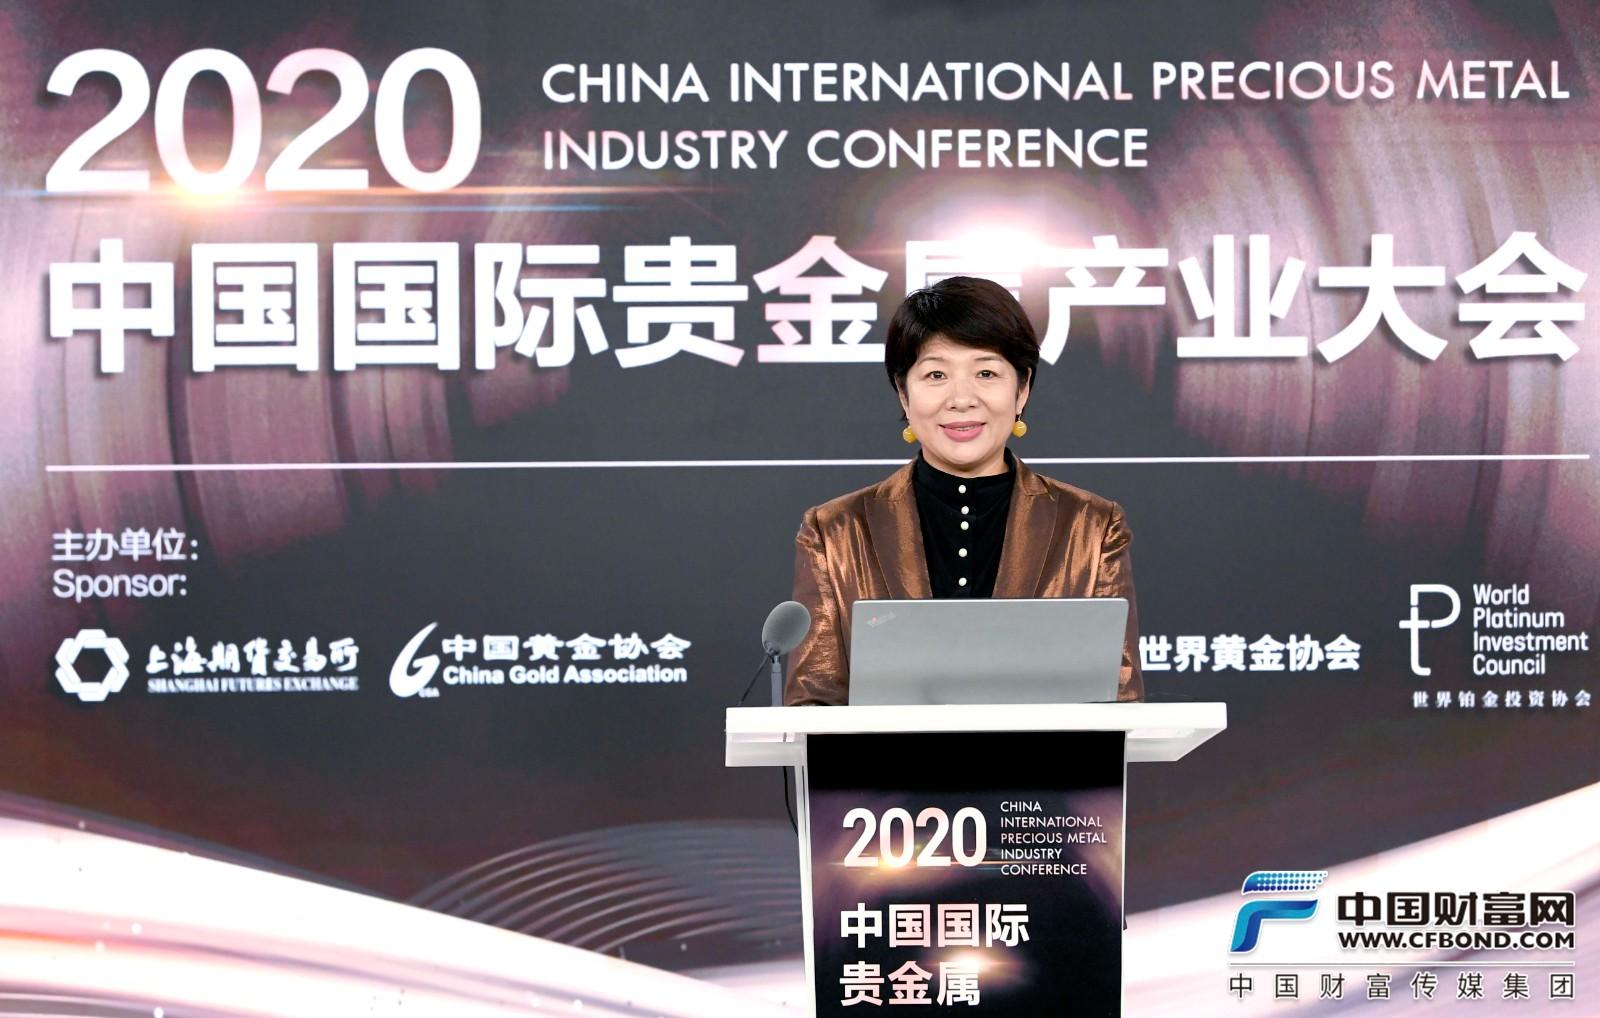 郎秋美:直播销售成贵金属首饰行业增长重要途径